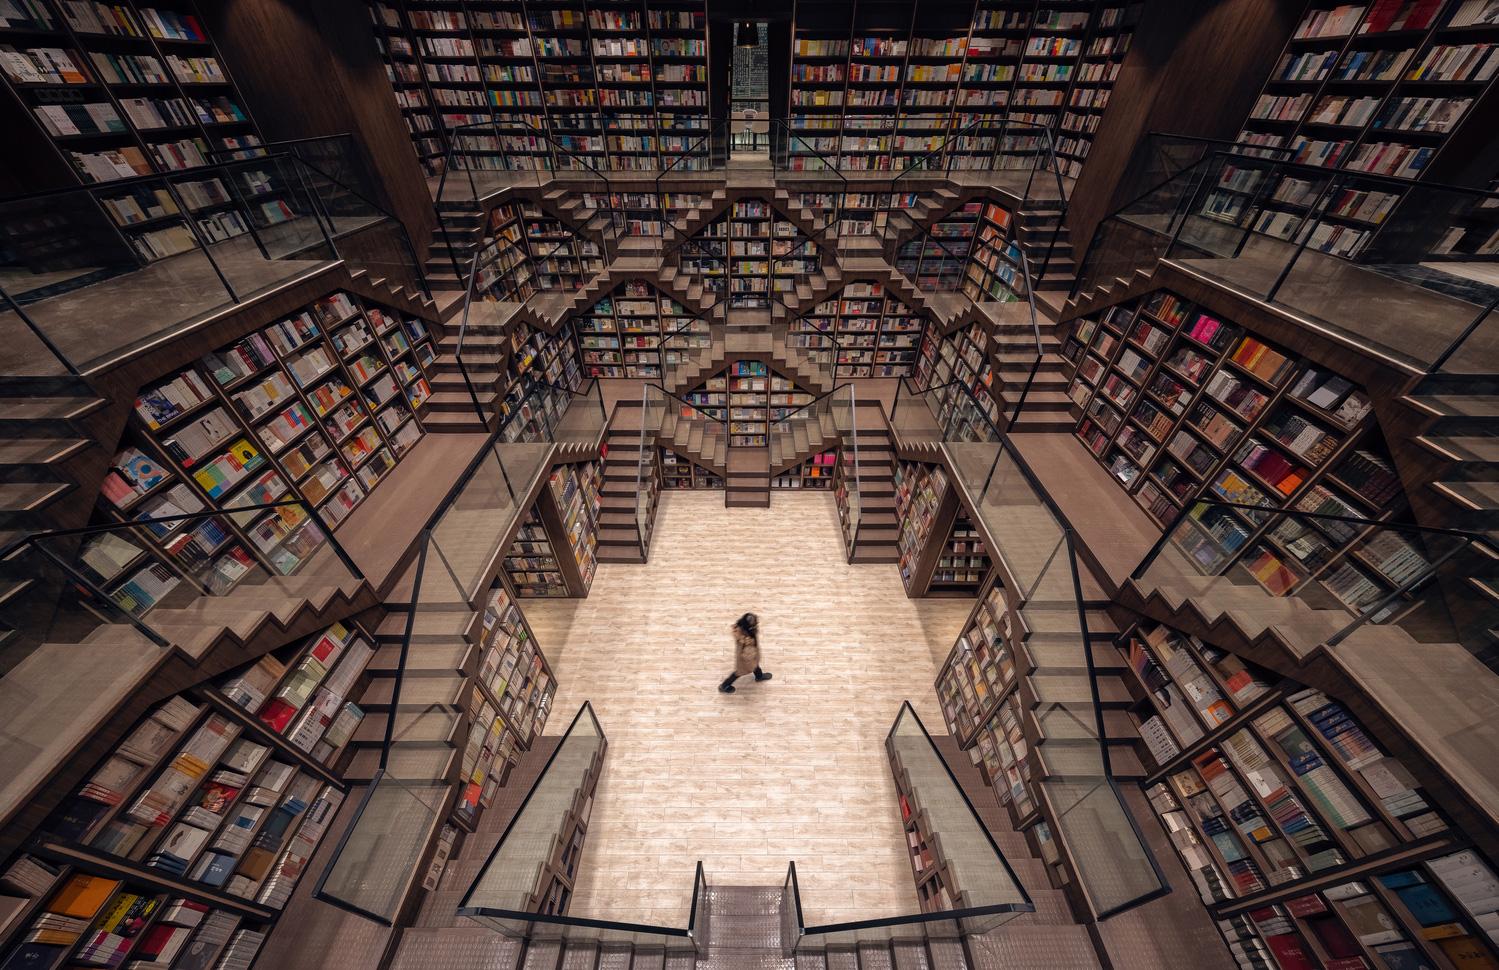 Chongqing Zhongshuge bookshop in the Chinese city of Chongqing.